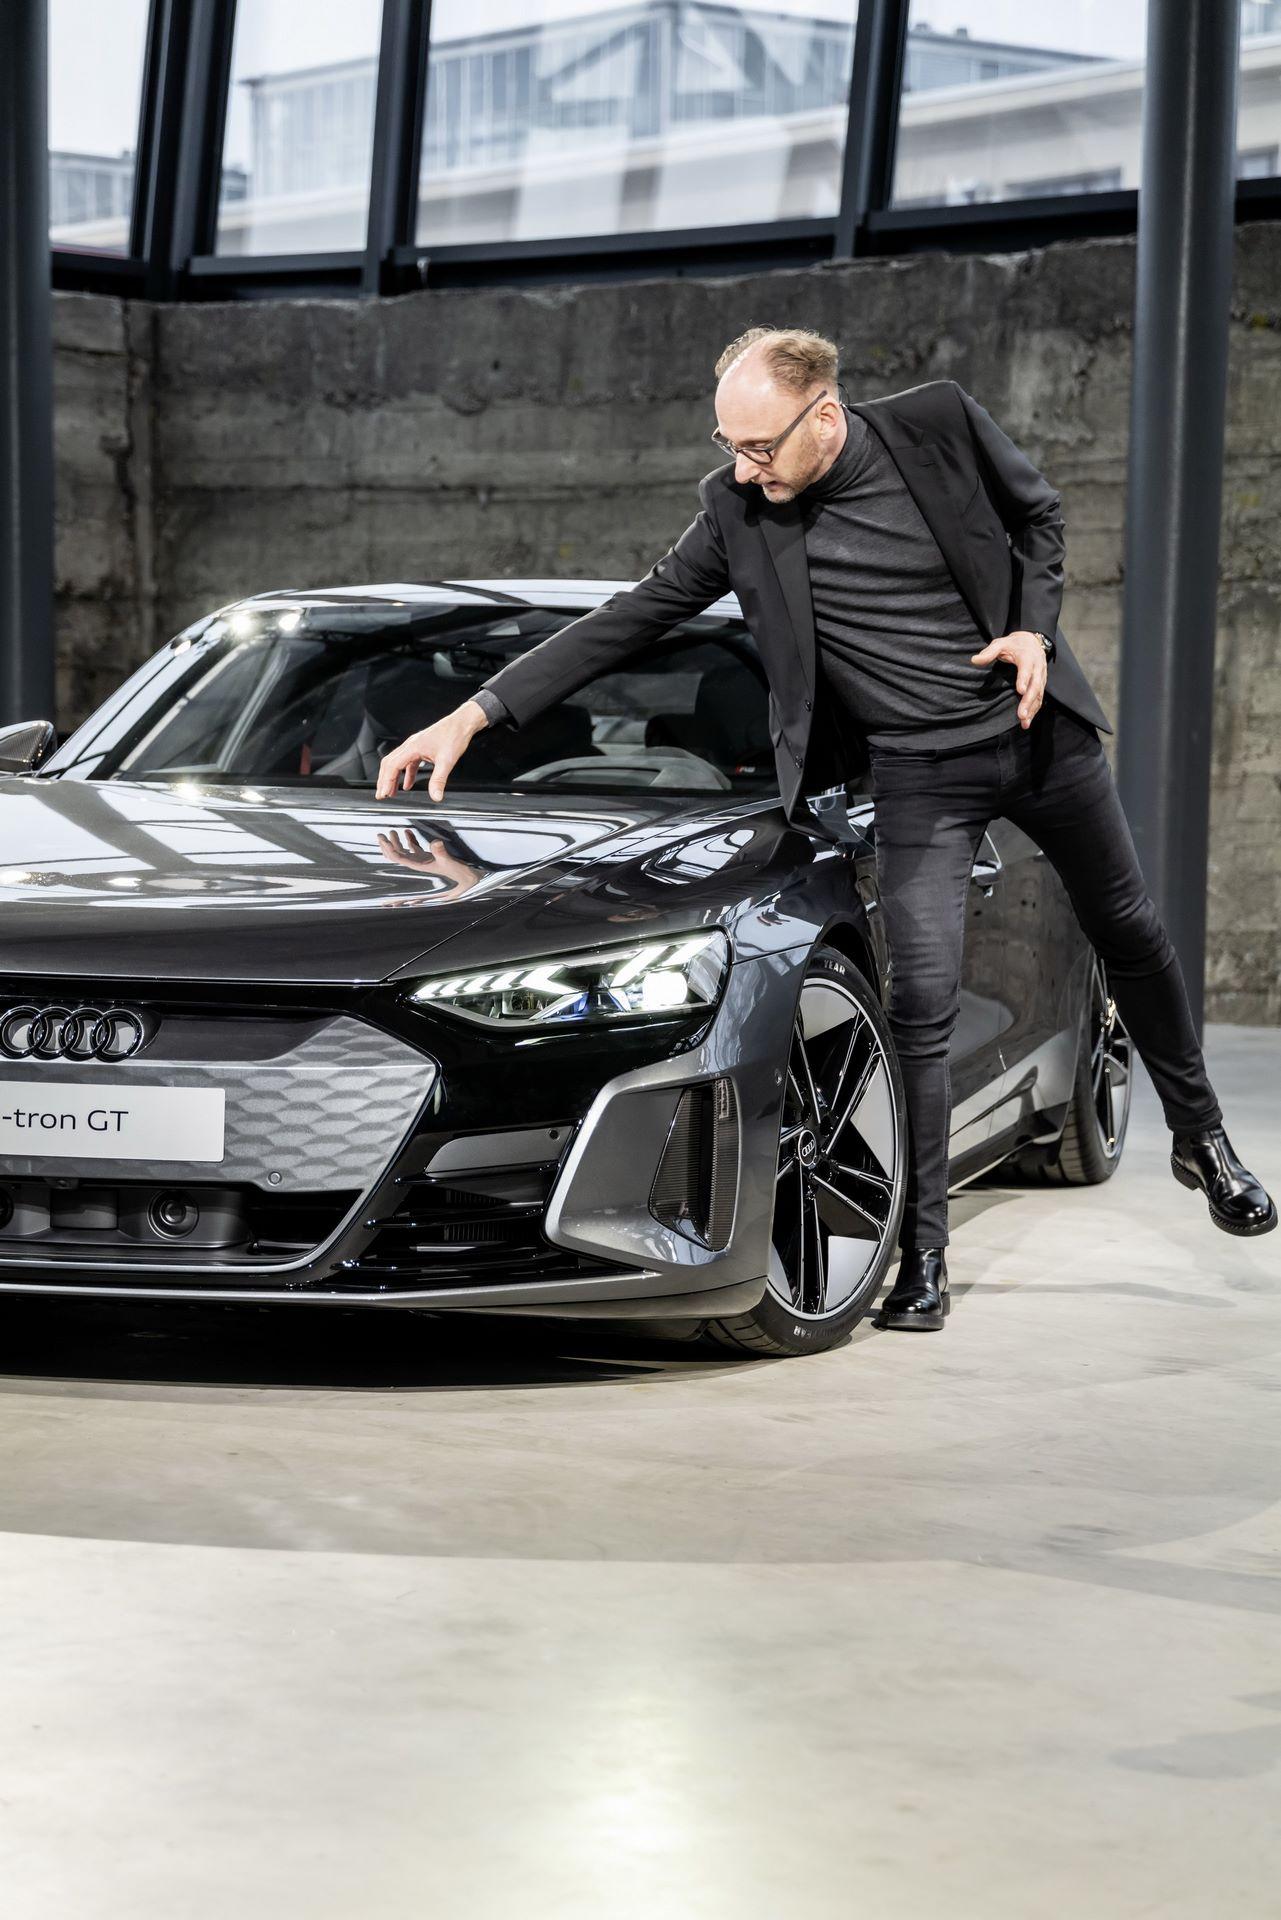 2022-Audi-e-tron-GT-44